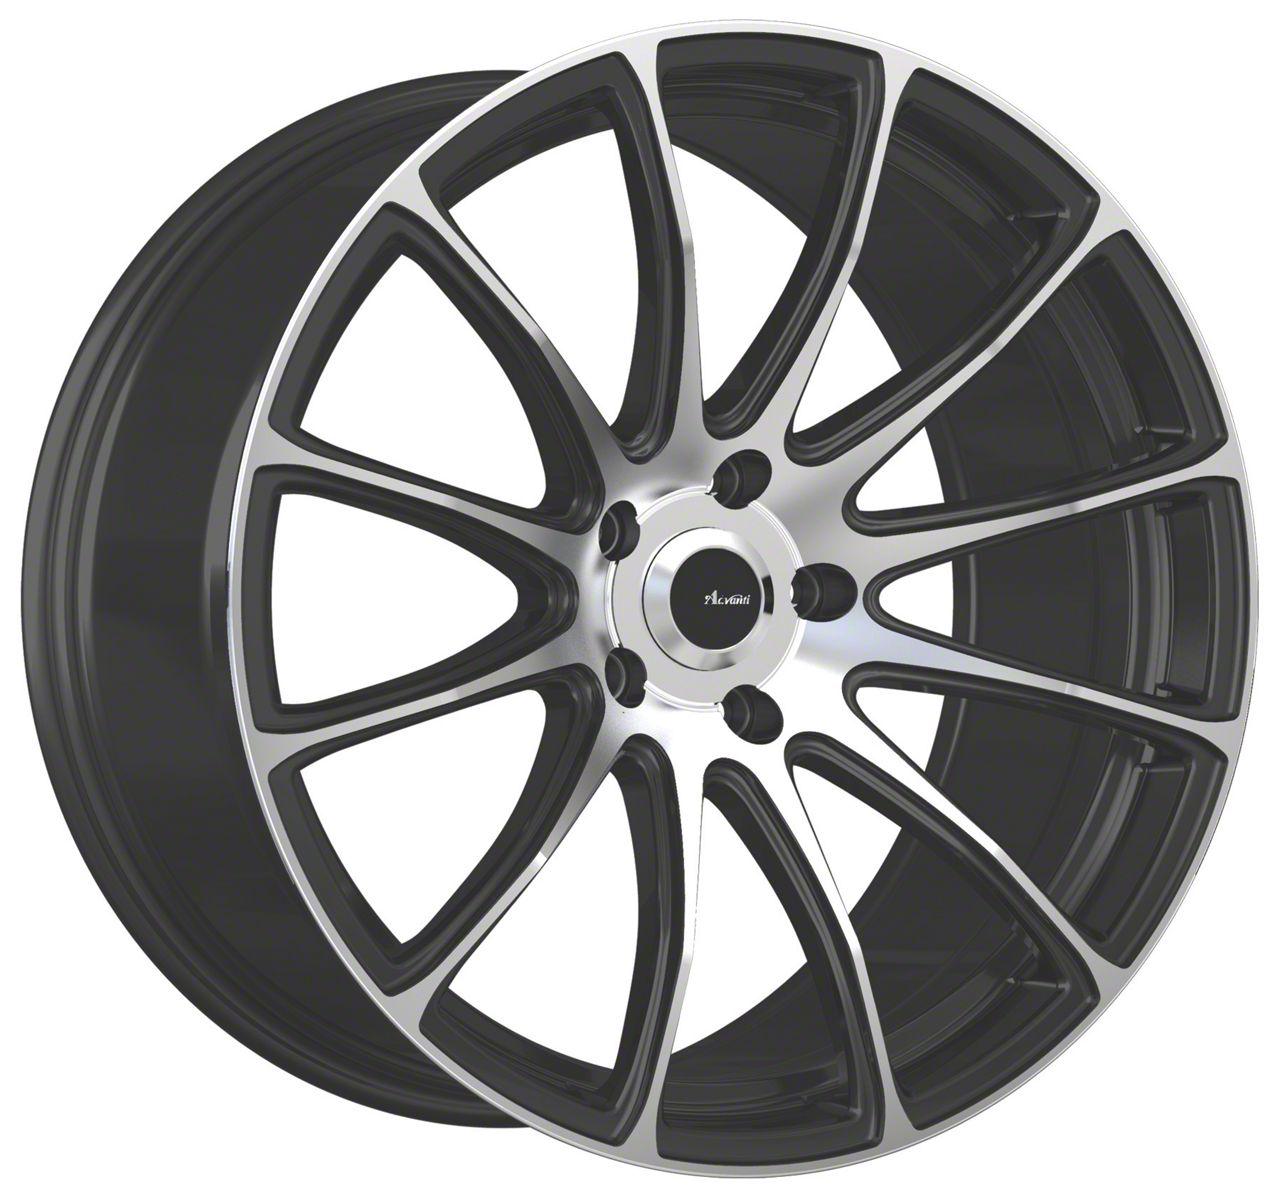 Advanti Svelto Matte Black Machined Wheel - 19x8.5 (15-19 GT, EcoBoost, V6)